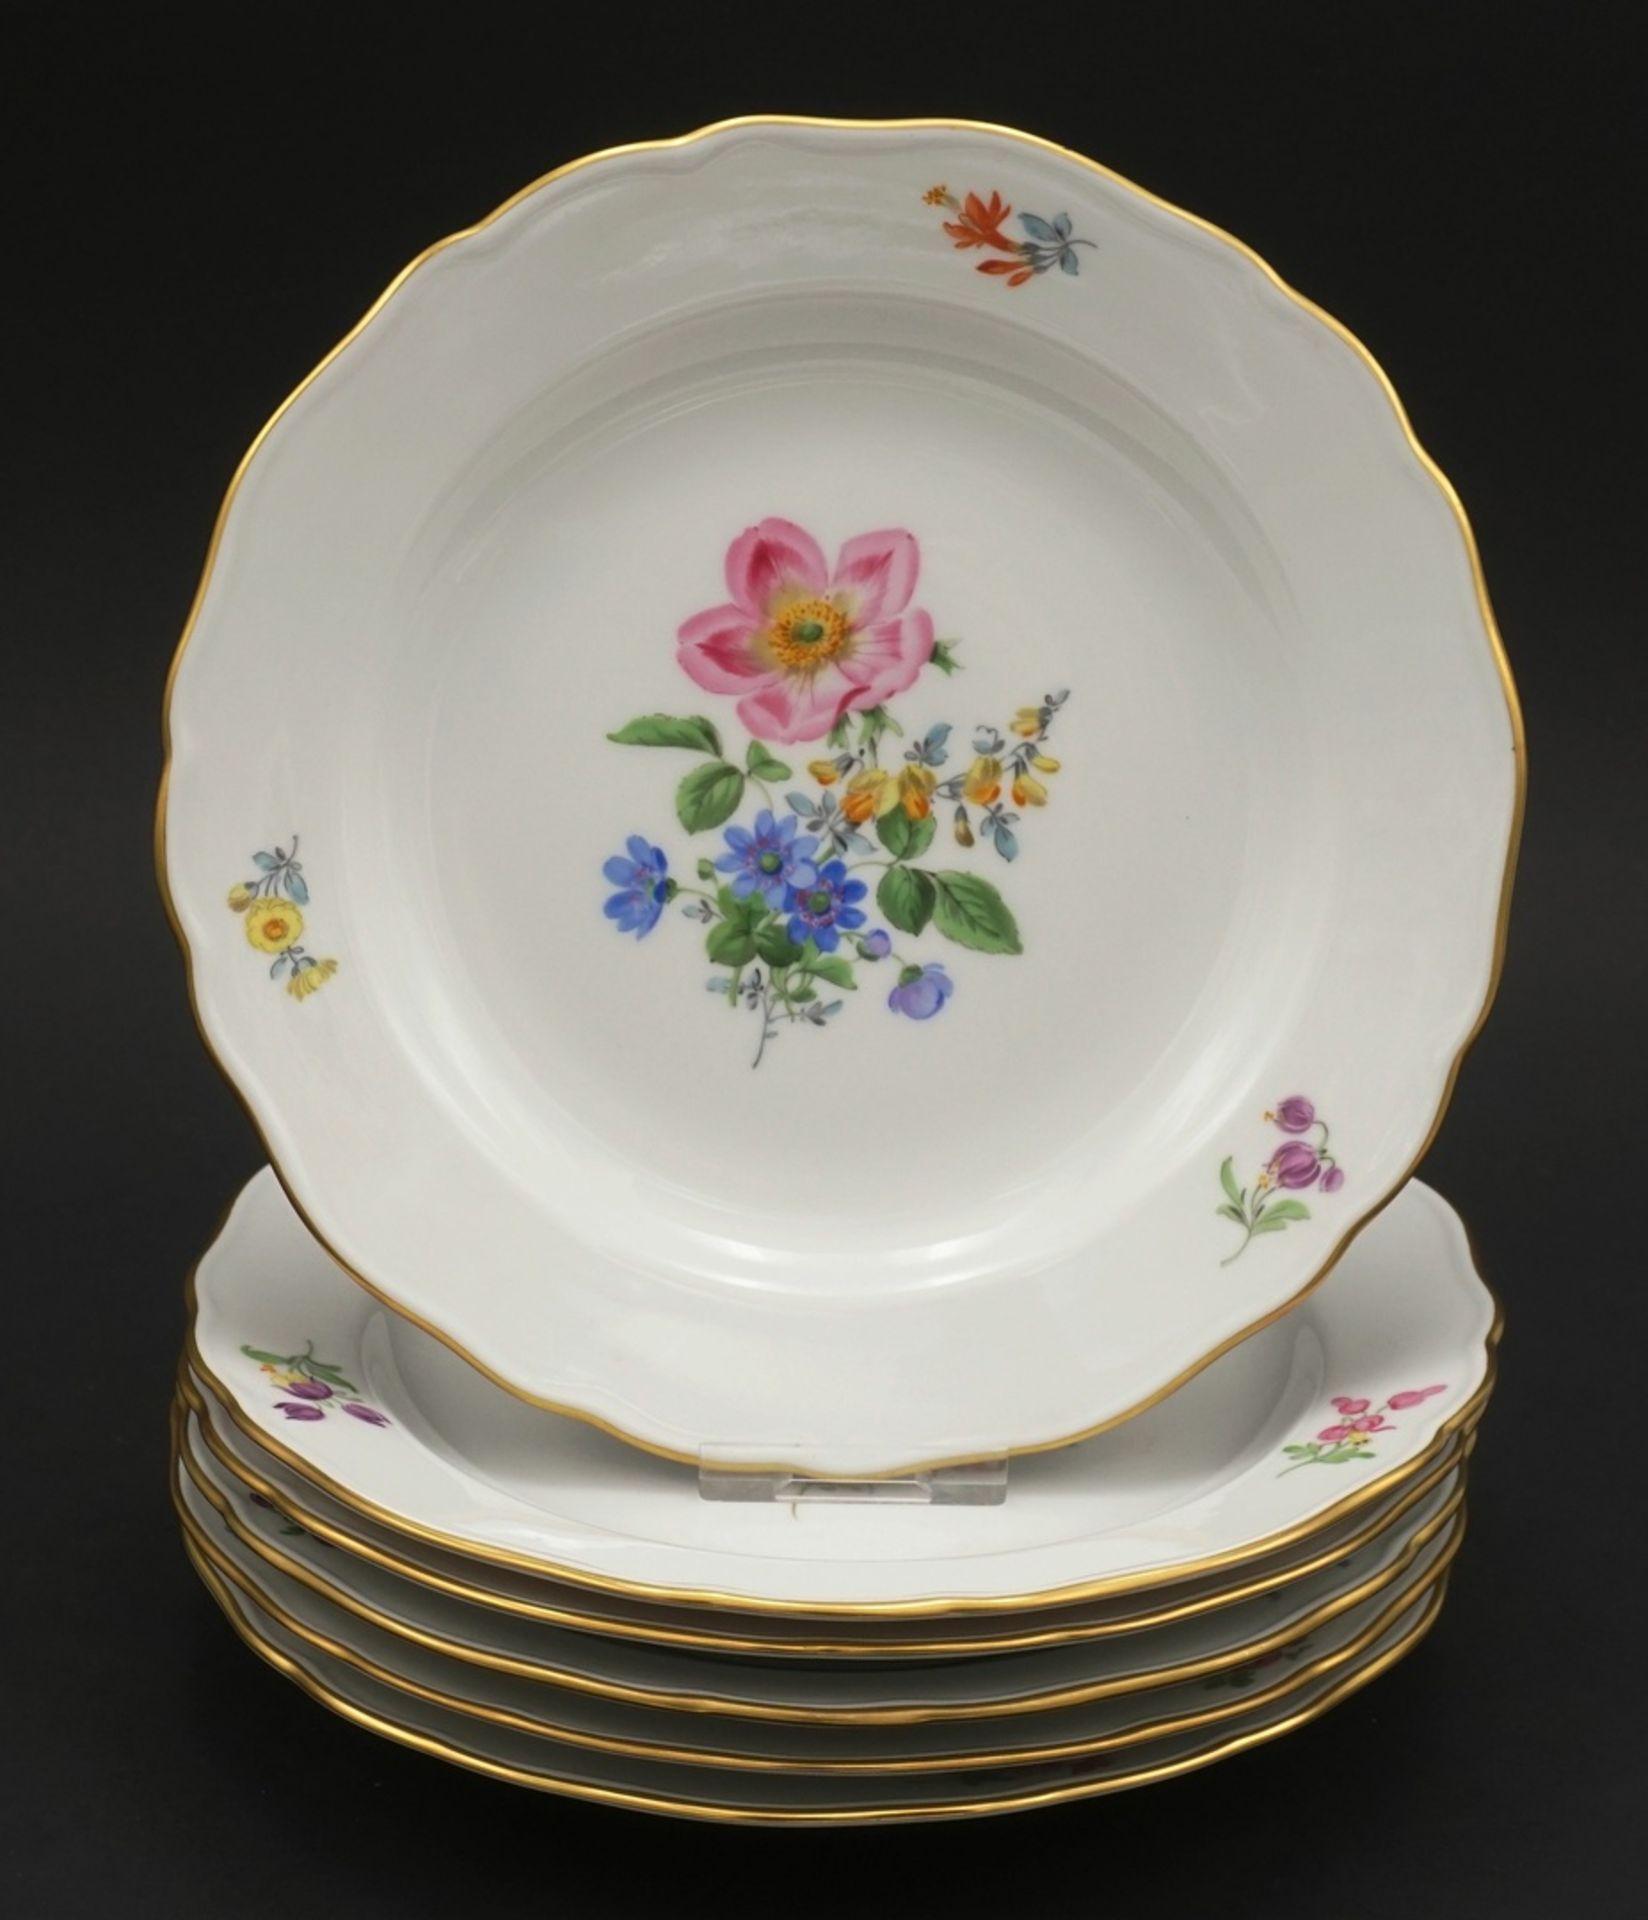 Sechs Meissen Teller mit Bunter Blume